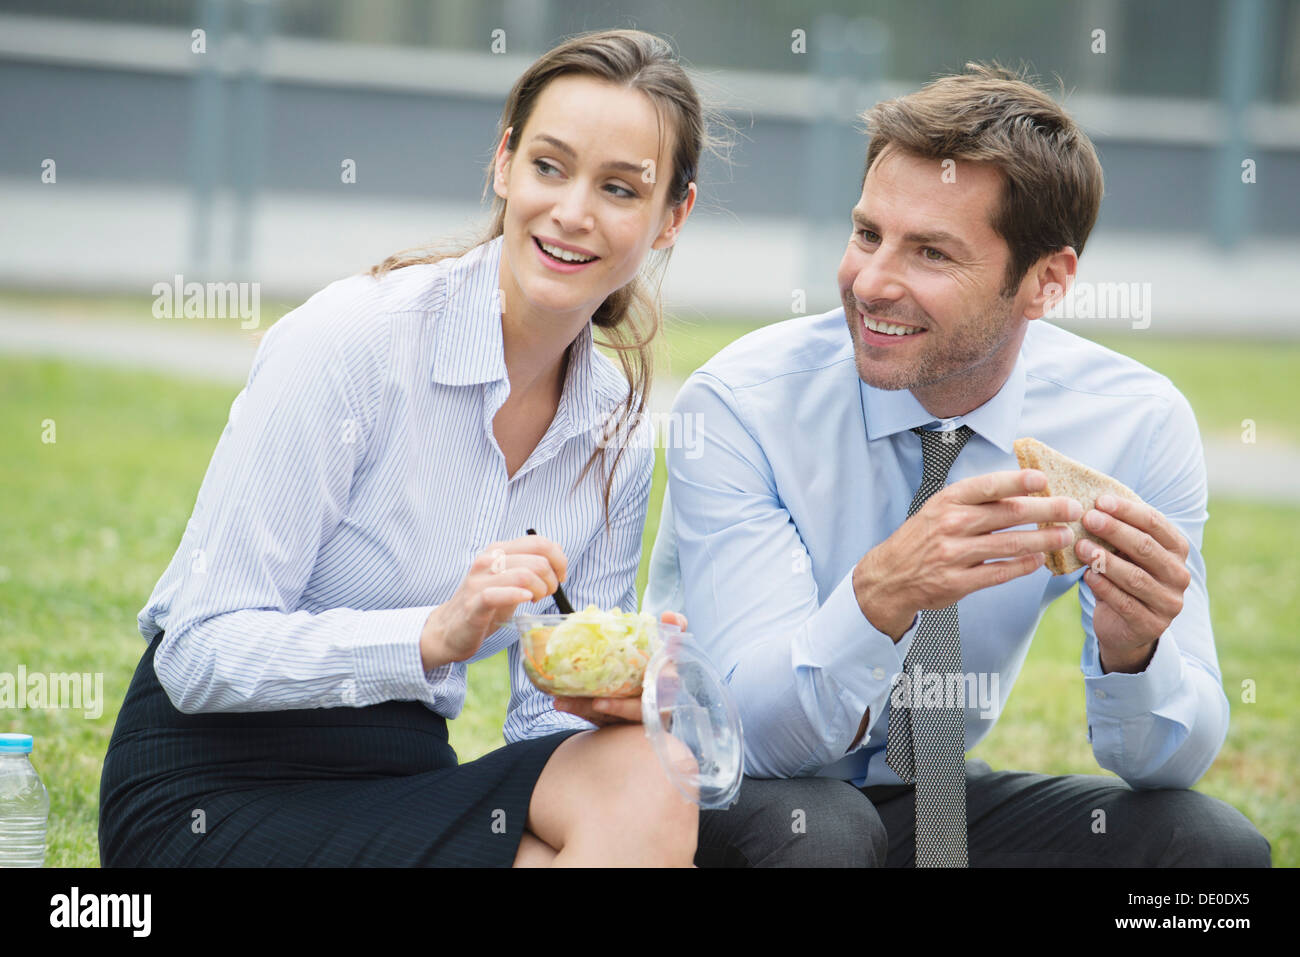 Compañeros de almorzar juntos al aire libre Foto de stock